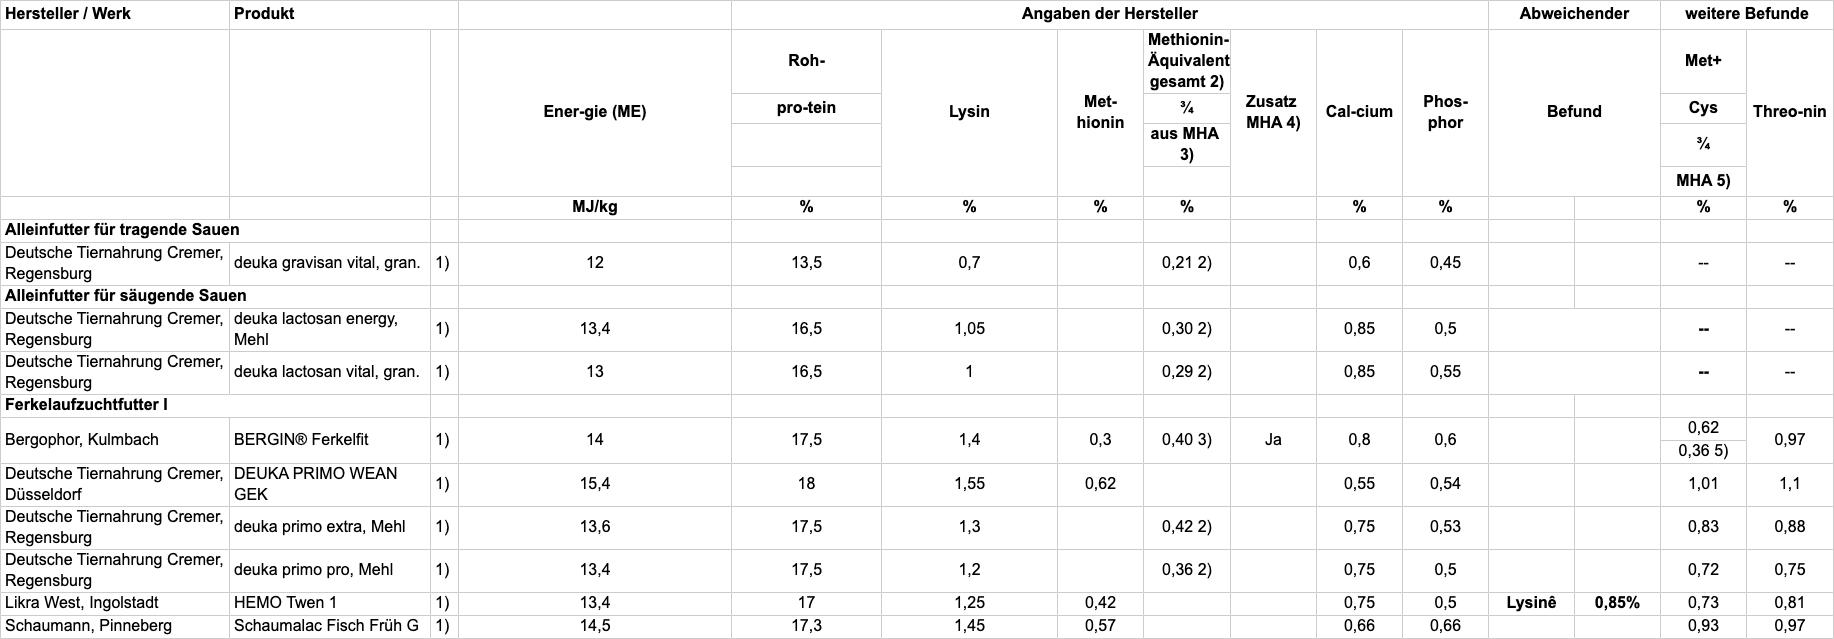 Tabelle A: Prüfung der Inhaltsstoffe und Einhaltung der Deklaration; TAB102-2020